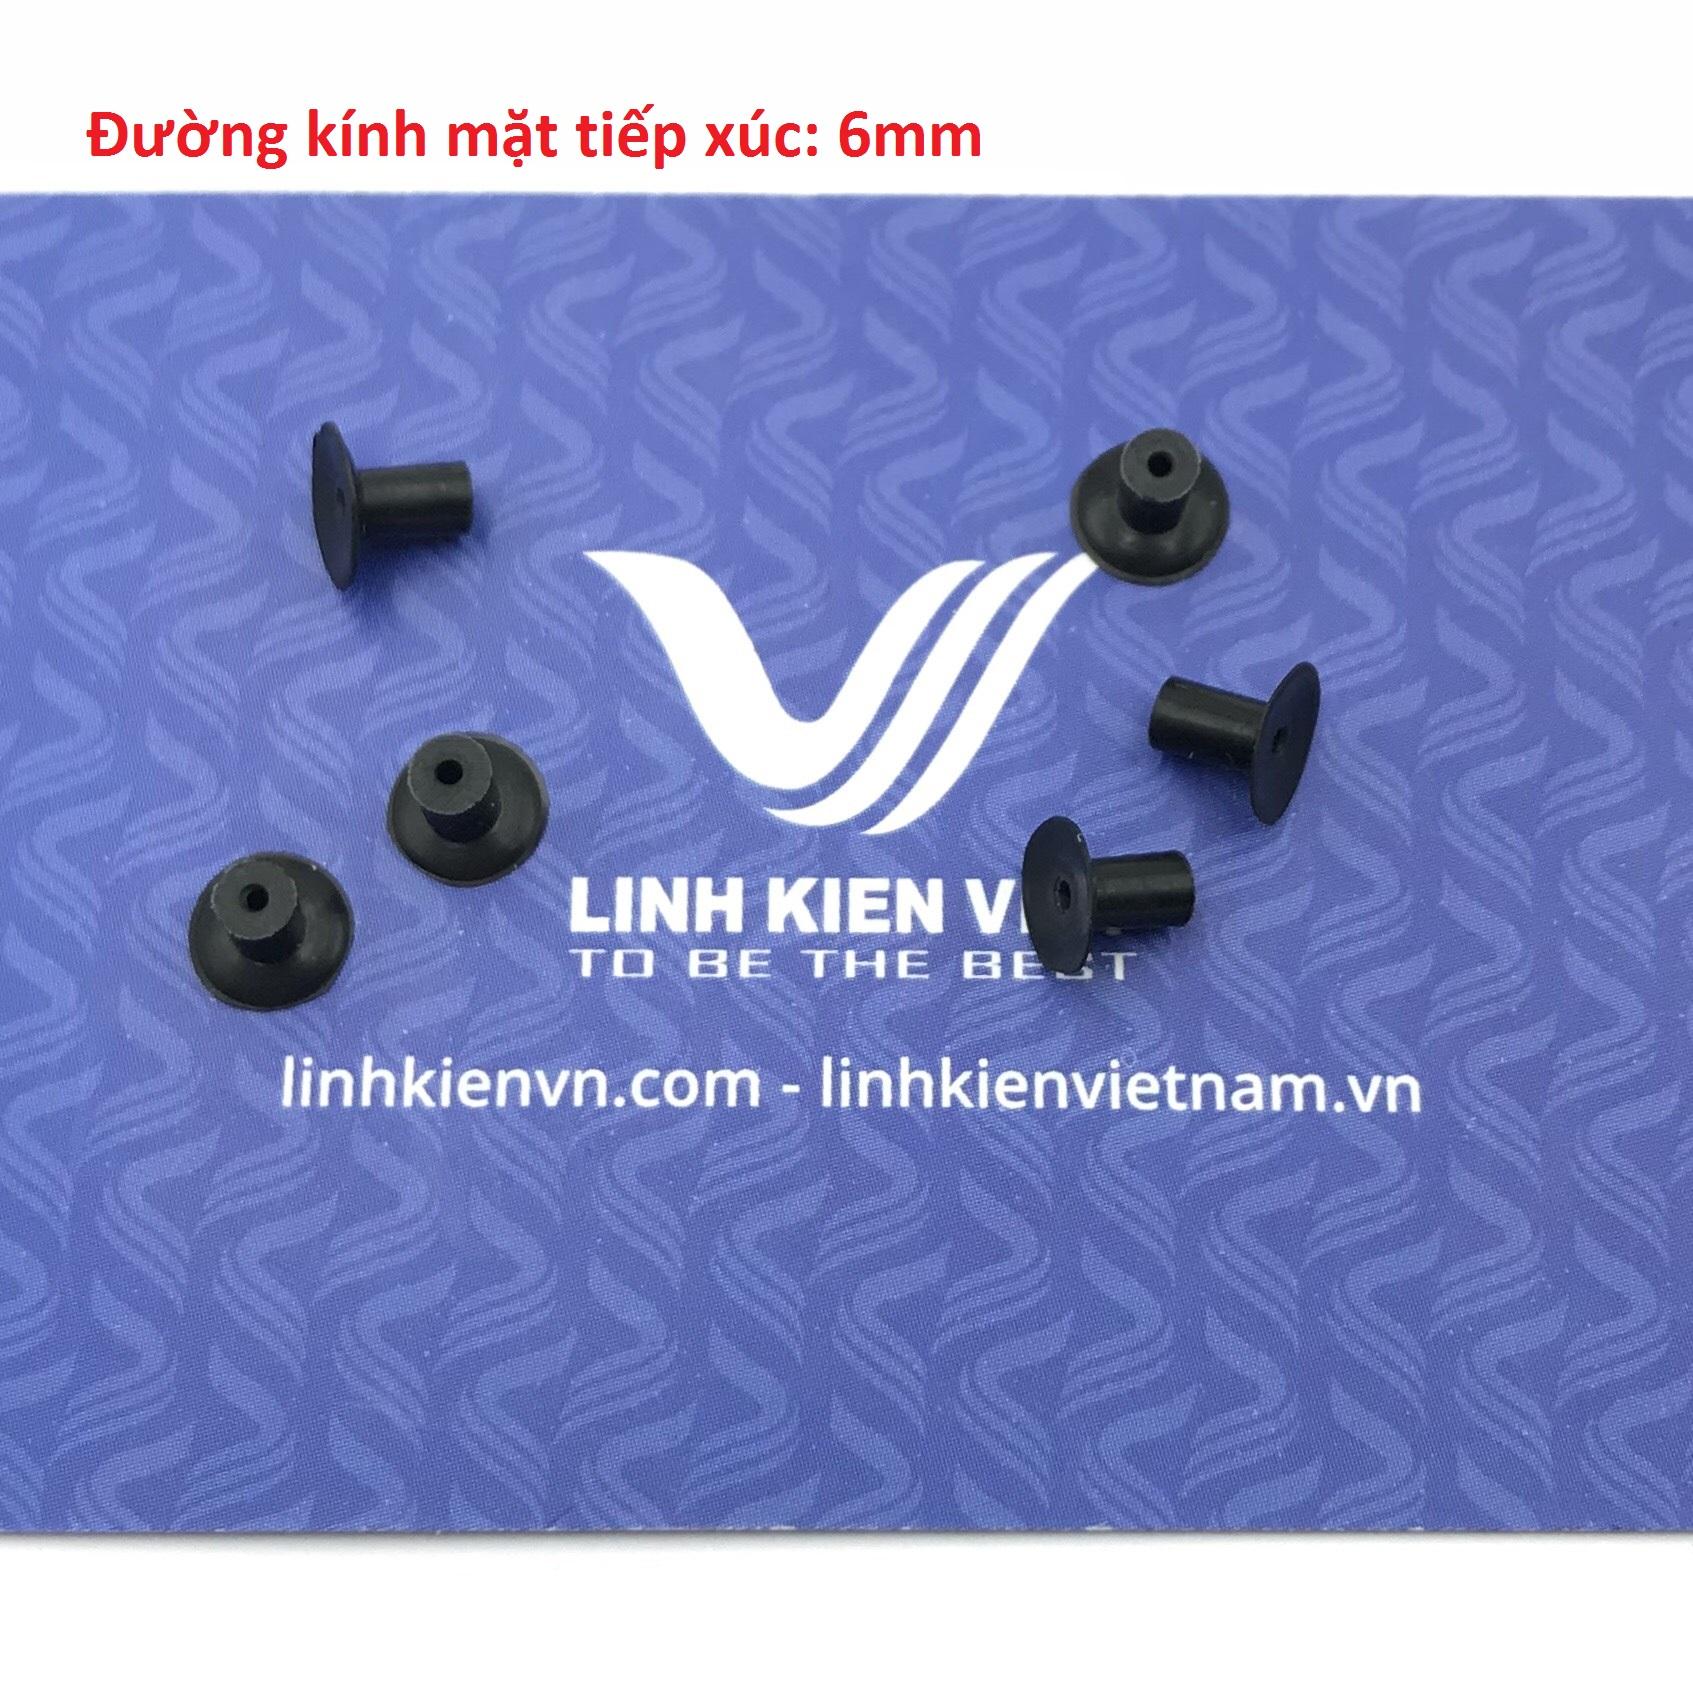 Giác hút chân không 6mm / đầu cao su cho máy hút chân không 6mm - K4H25